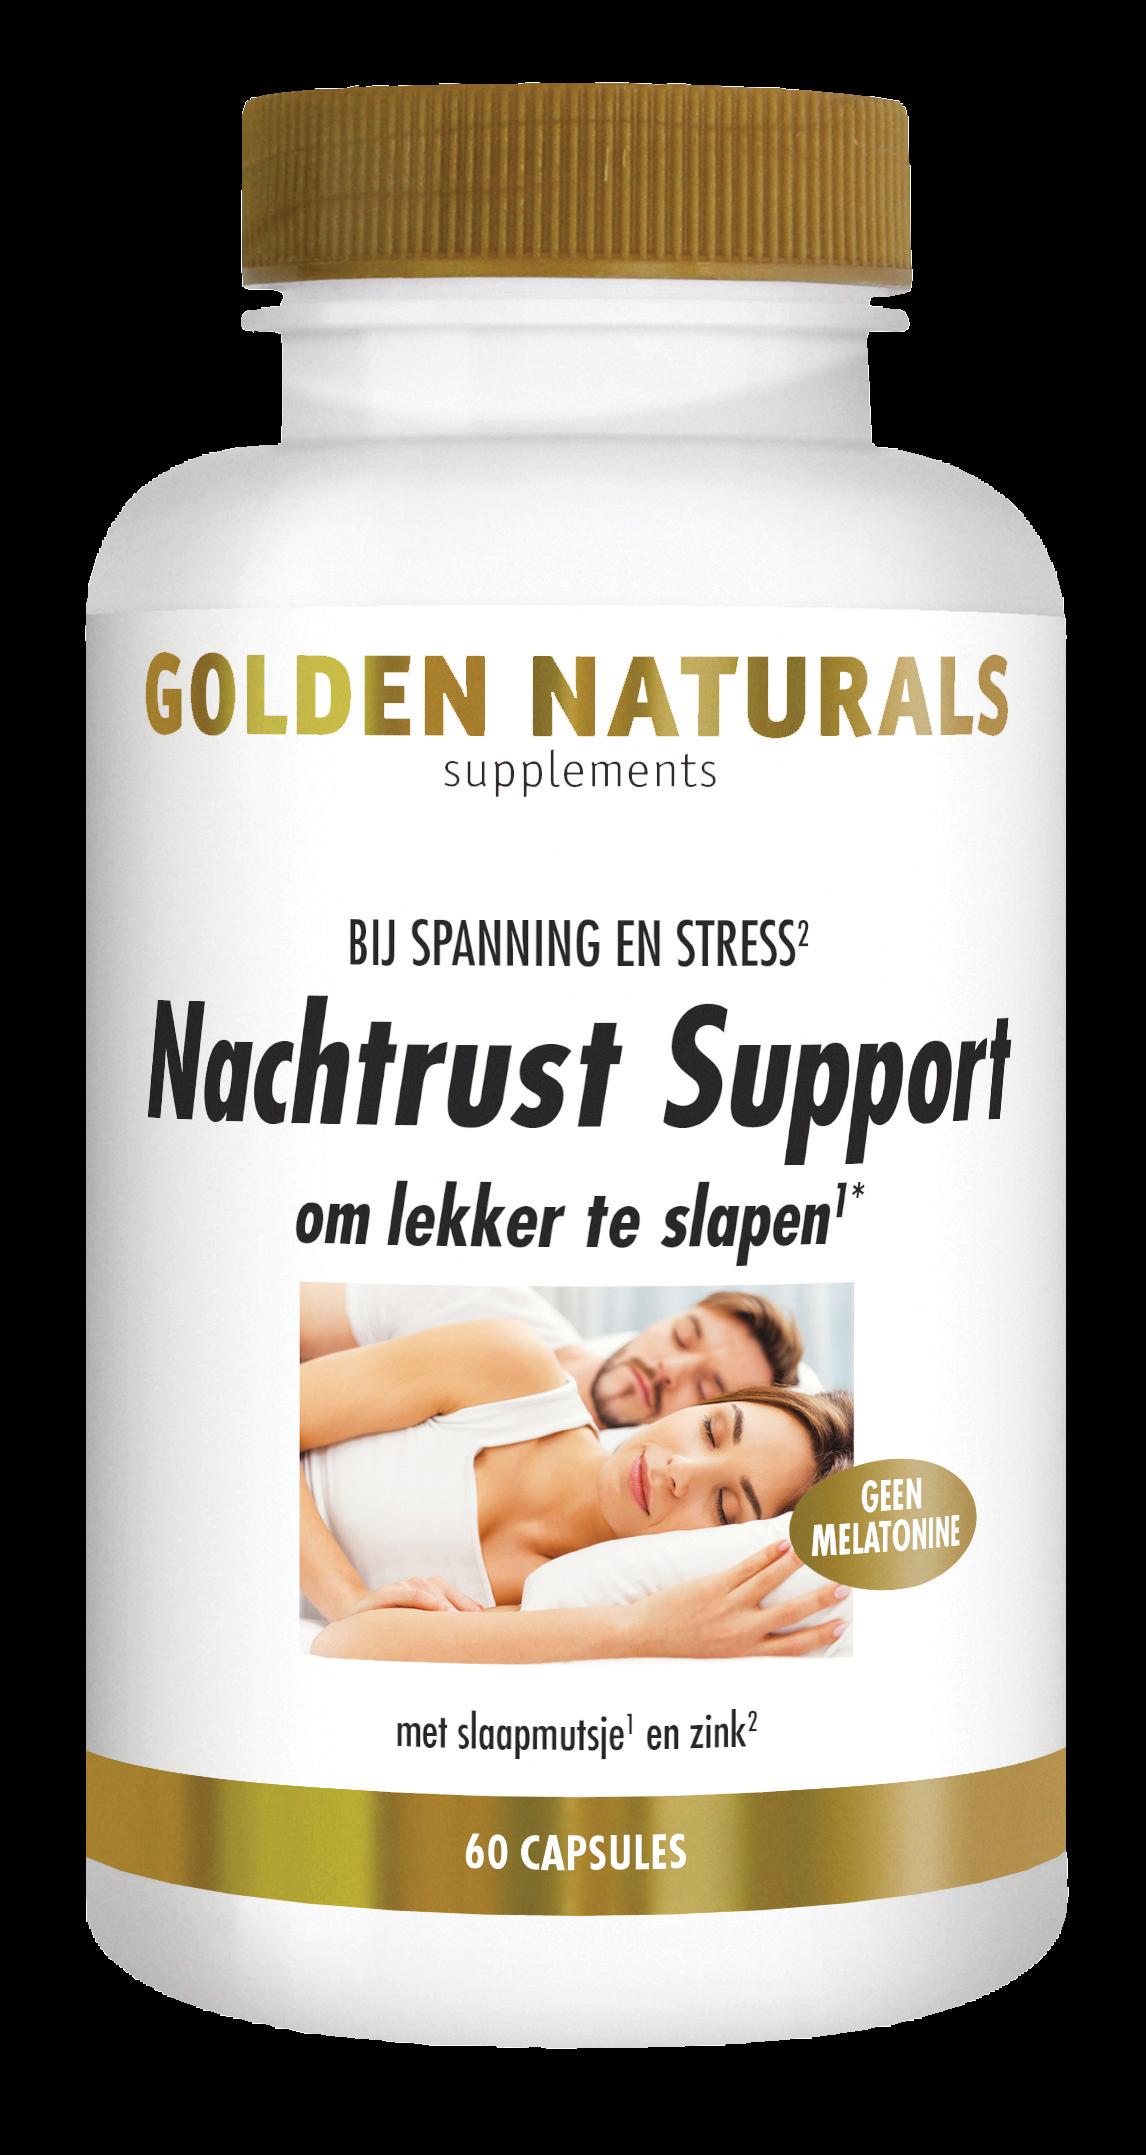 Golden Naturals Nachtrust Support (60 veganistische capsules)